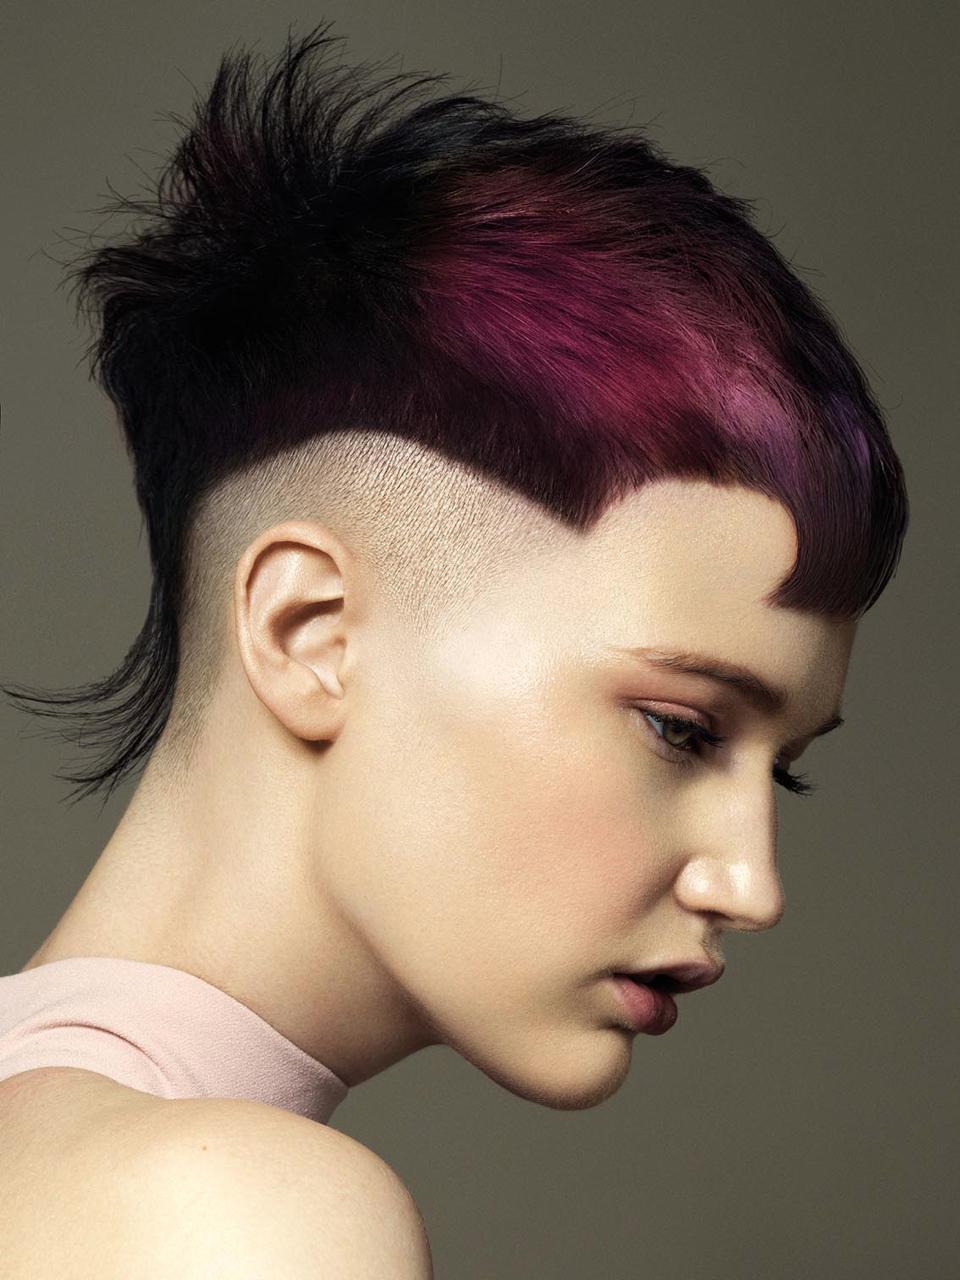 Włosy: Sevda Durukan dla Joico, Makijaż: Glam by M, Stylizacja: Julia Mulder